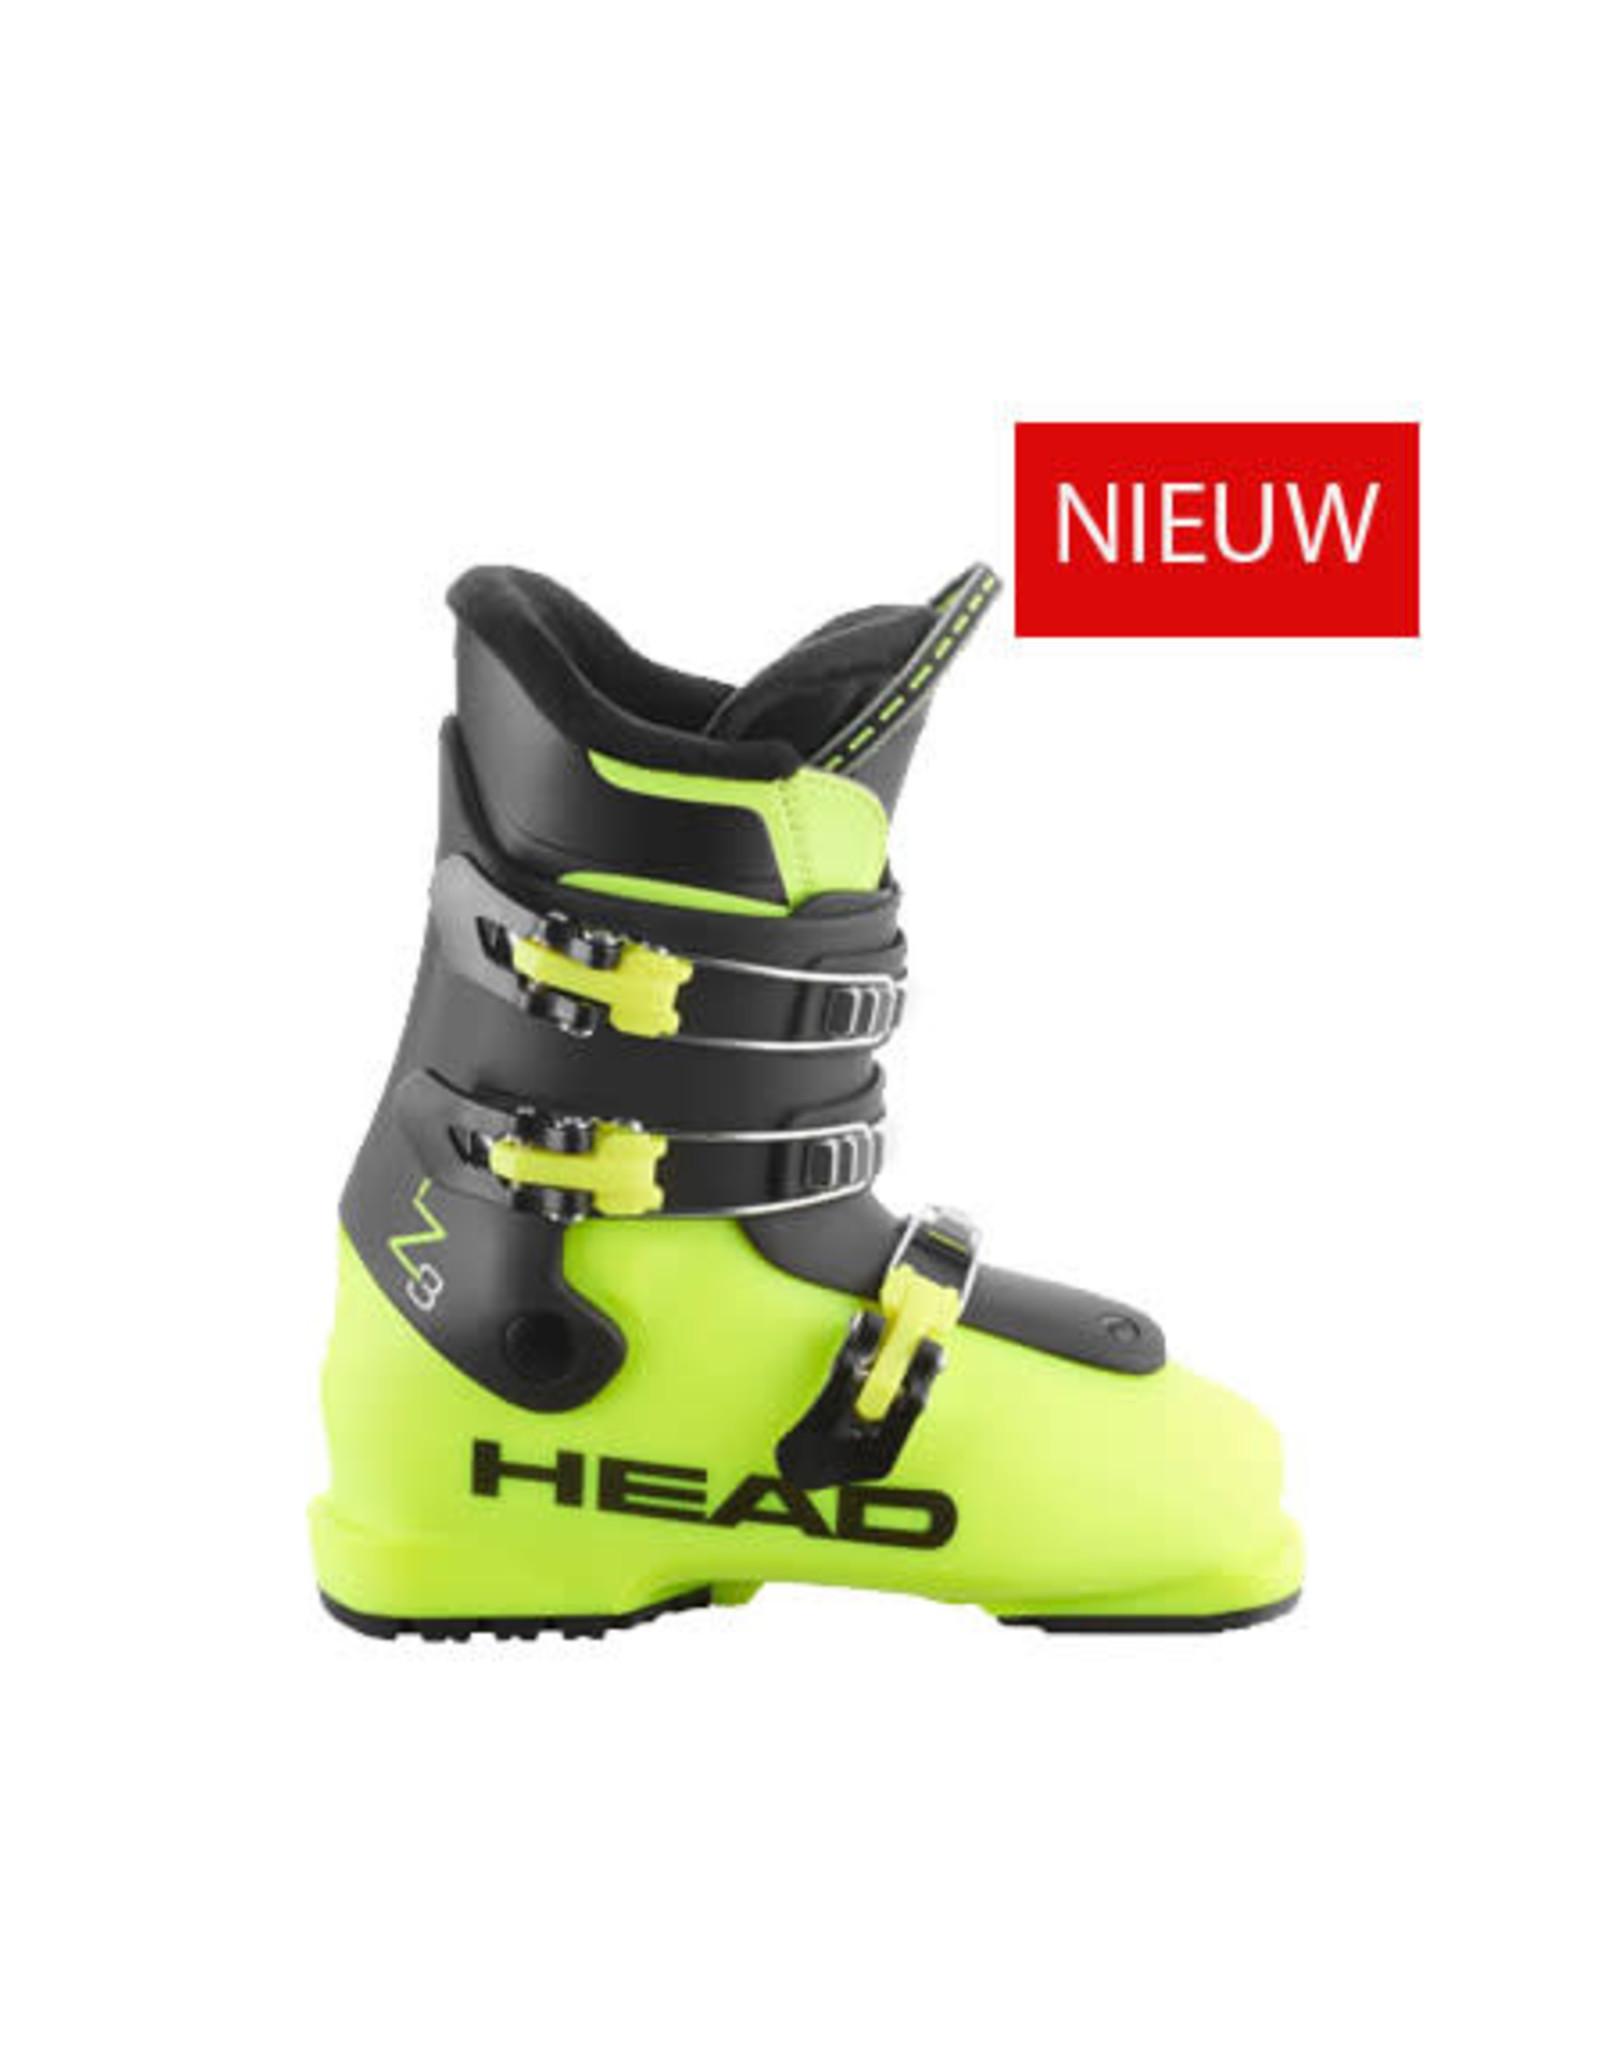 HEAD Skischoenen Head Z3 Yellow/Black NIEUW